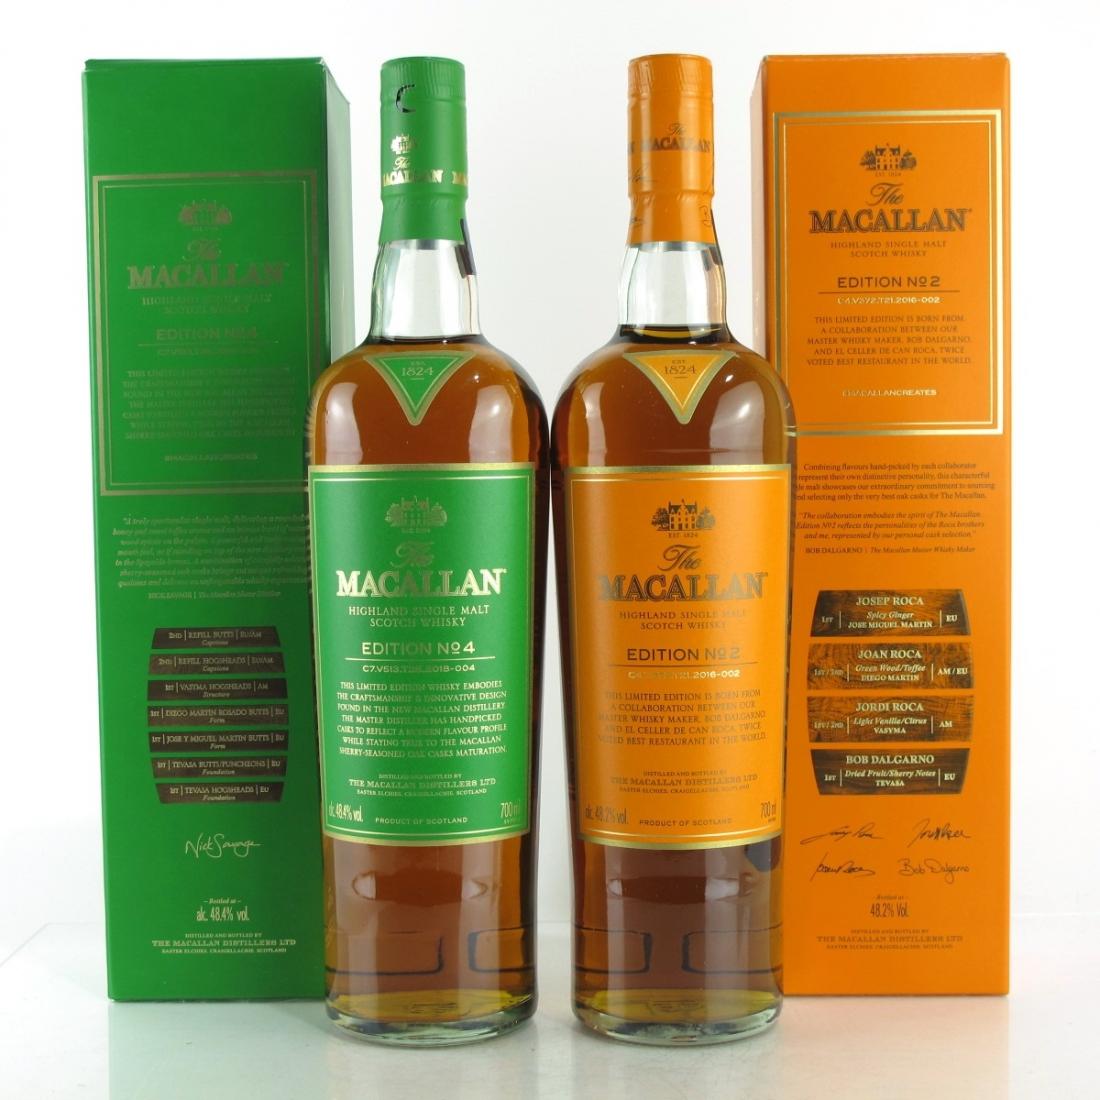 Macallan Edition No.2 and No.4 / 2 x 70cl